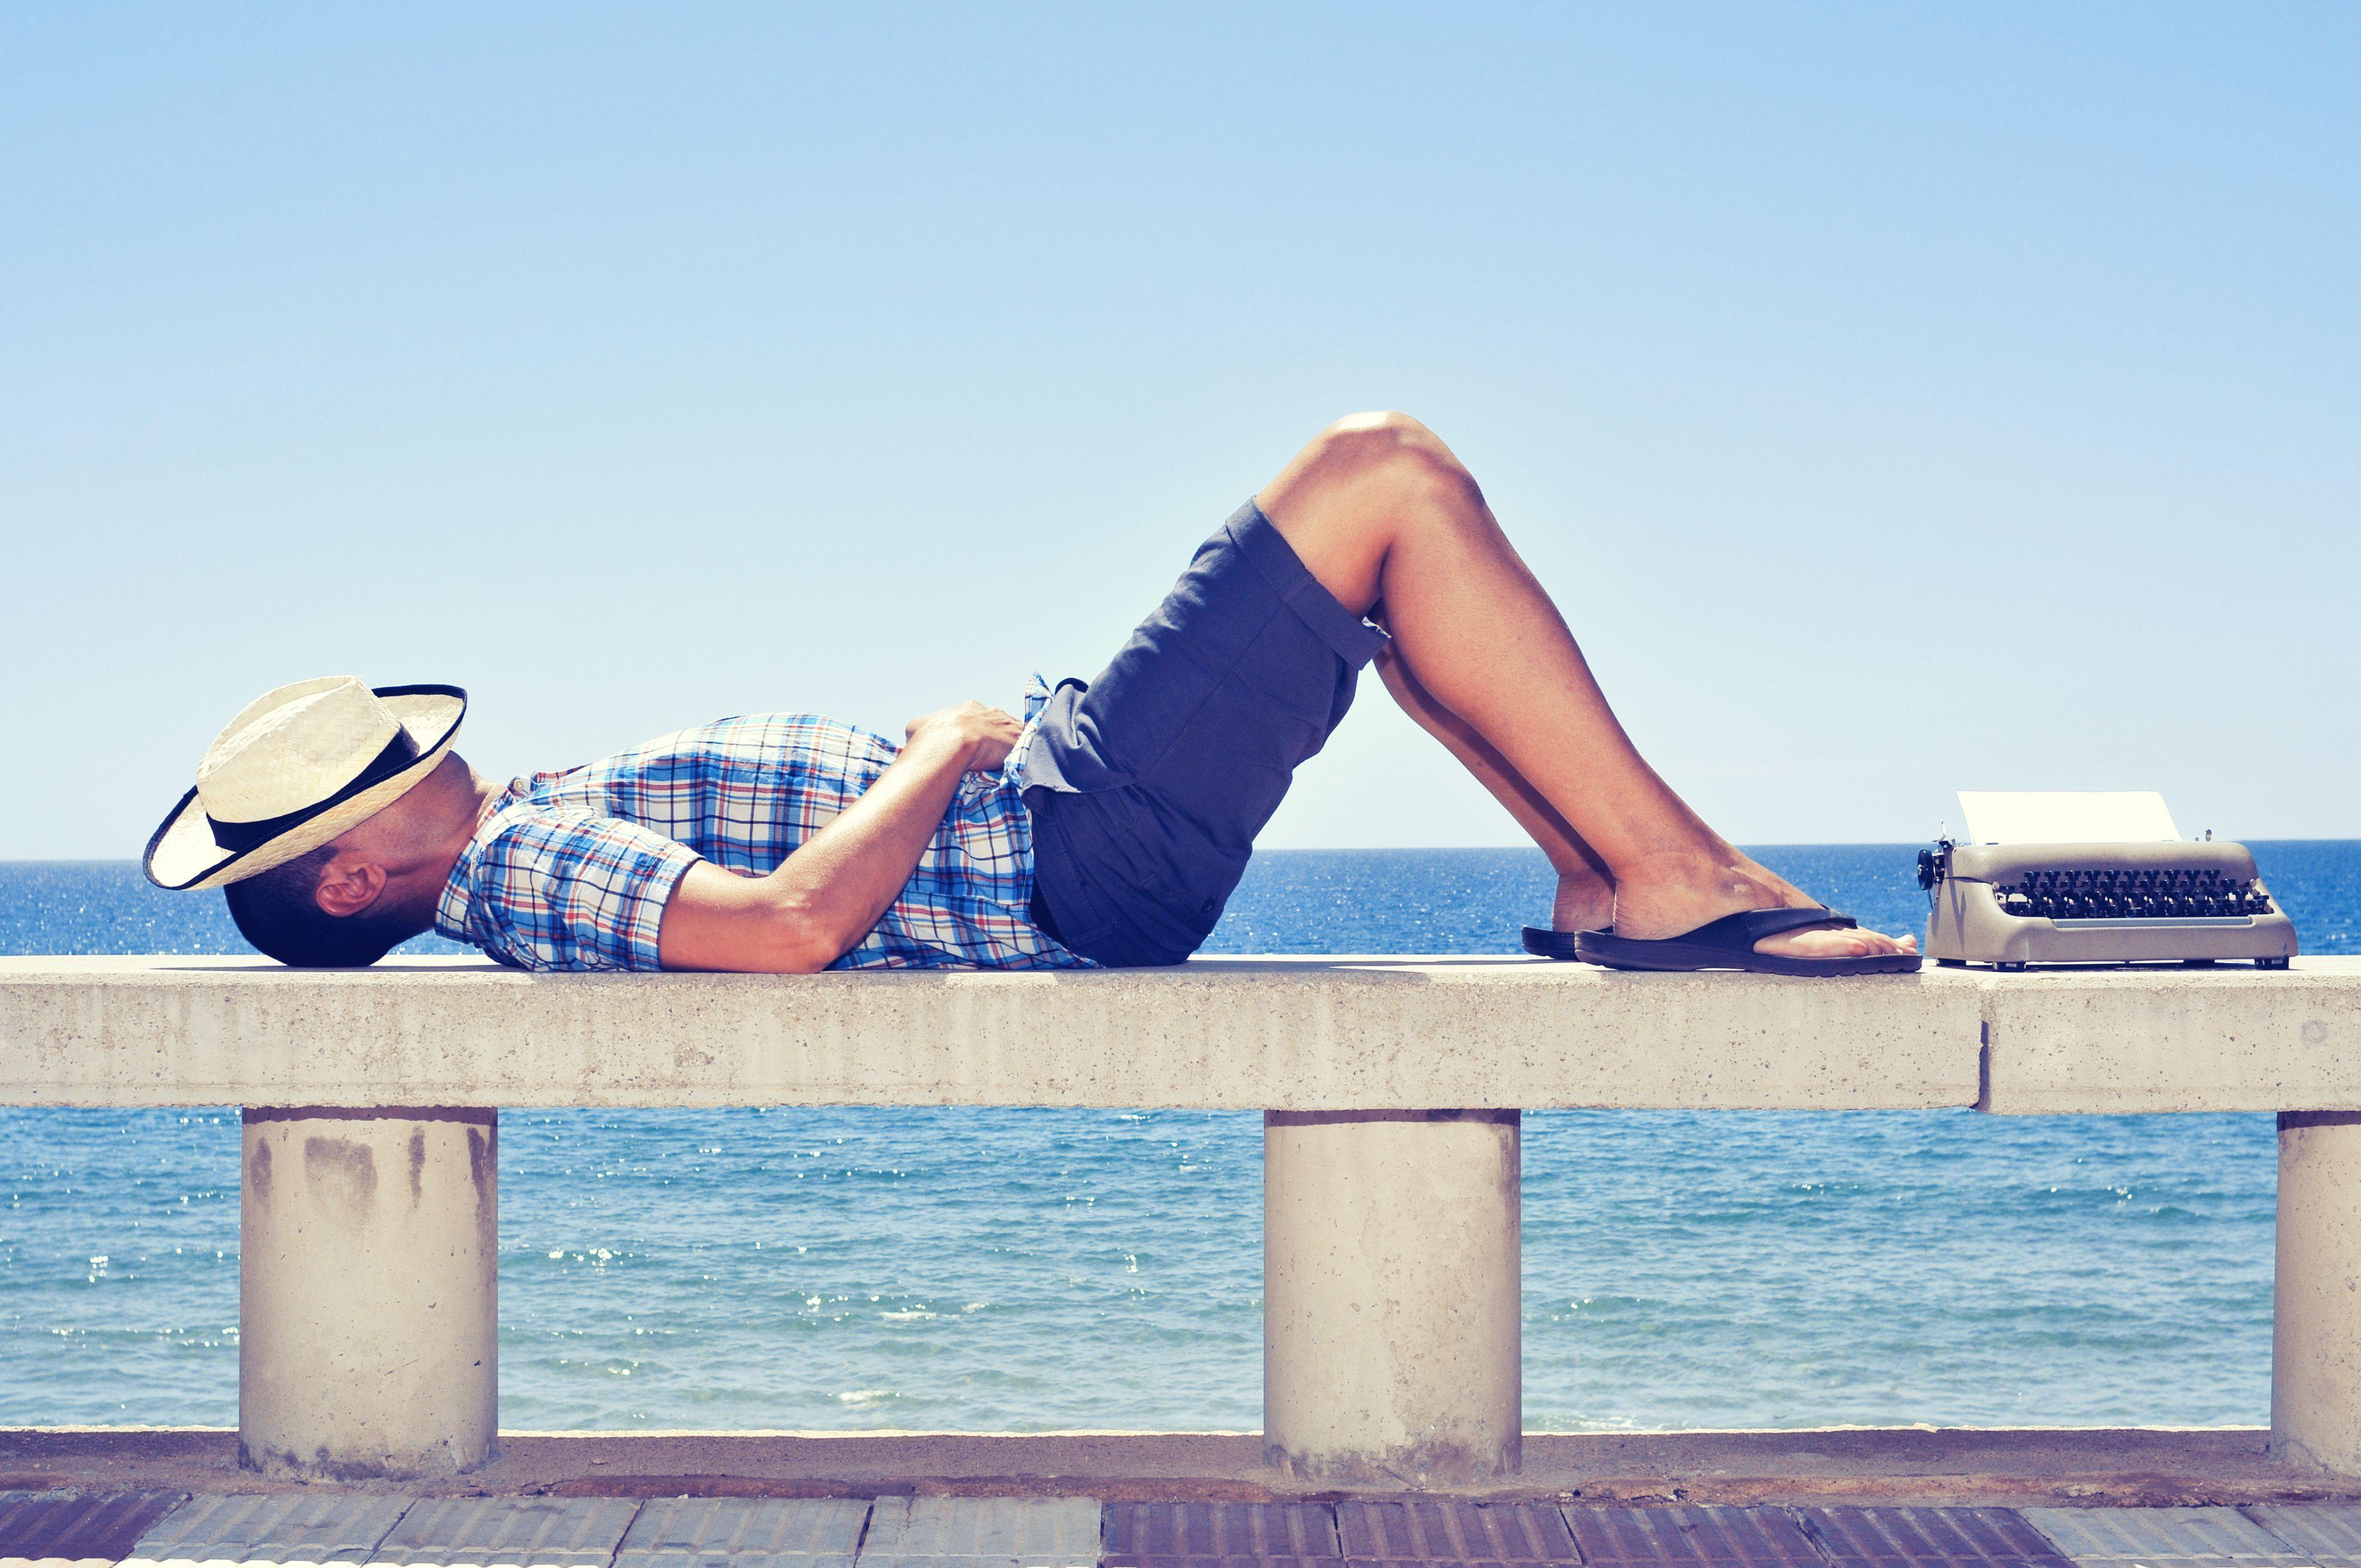 Ponad połowa pracowników przyznaje, że życie osobiste wpływa na ich wyniki w pracy (58 proc.). (Fot. Shutterstock)